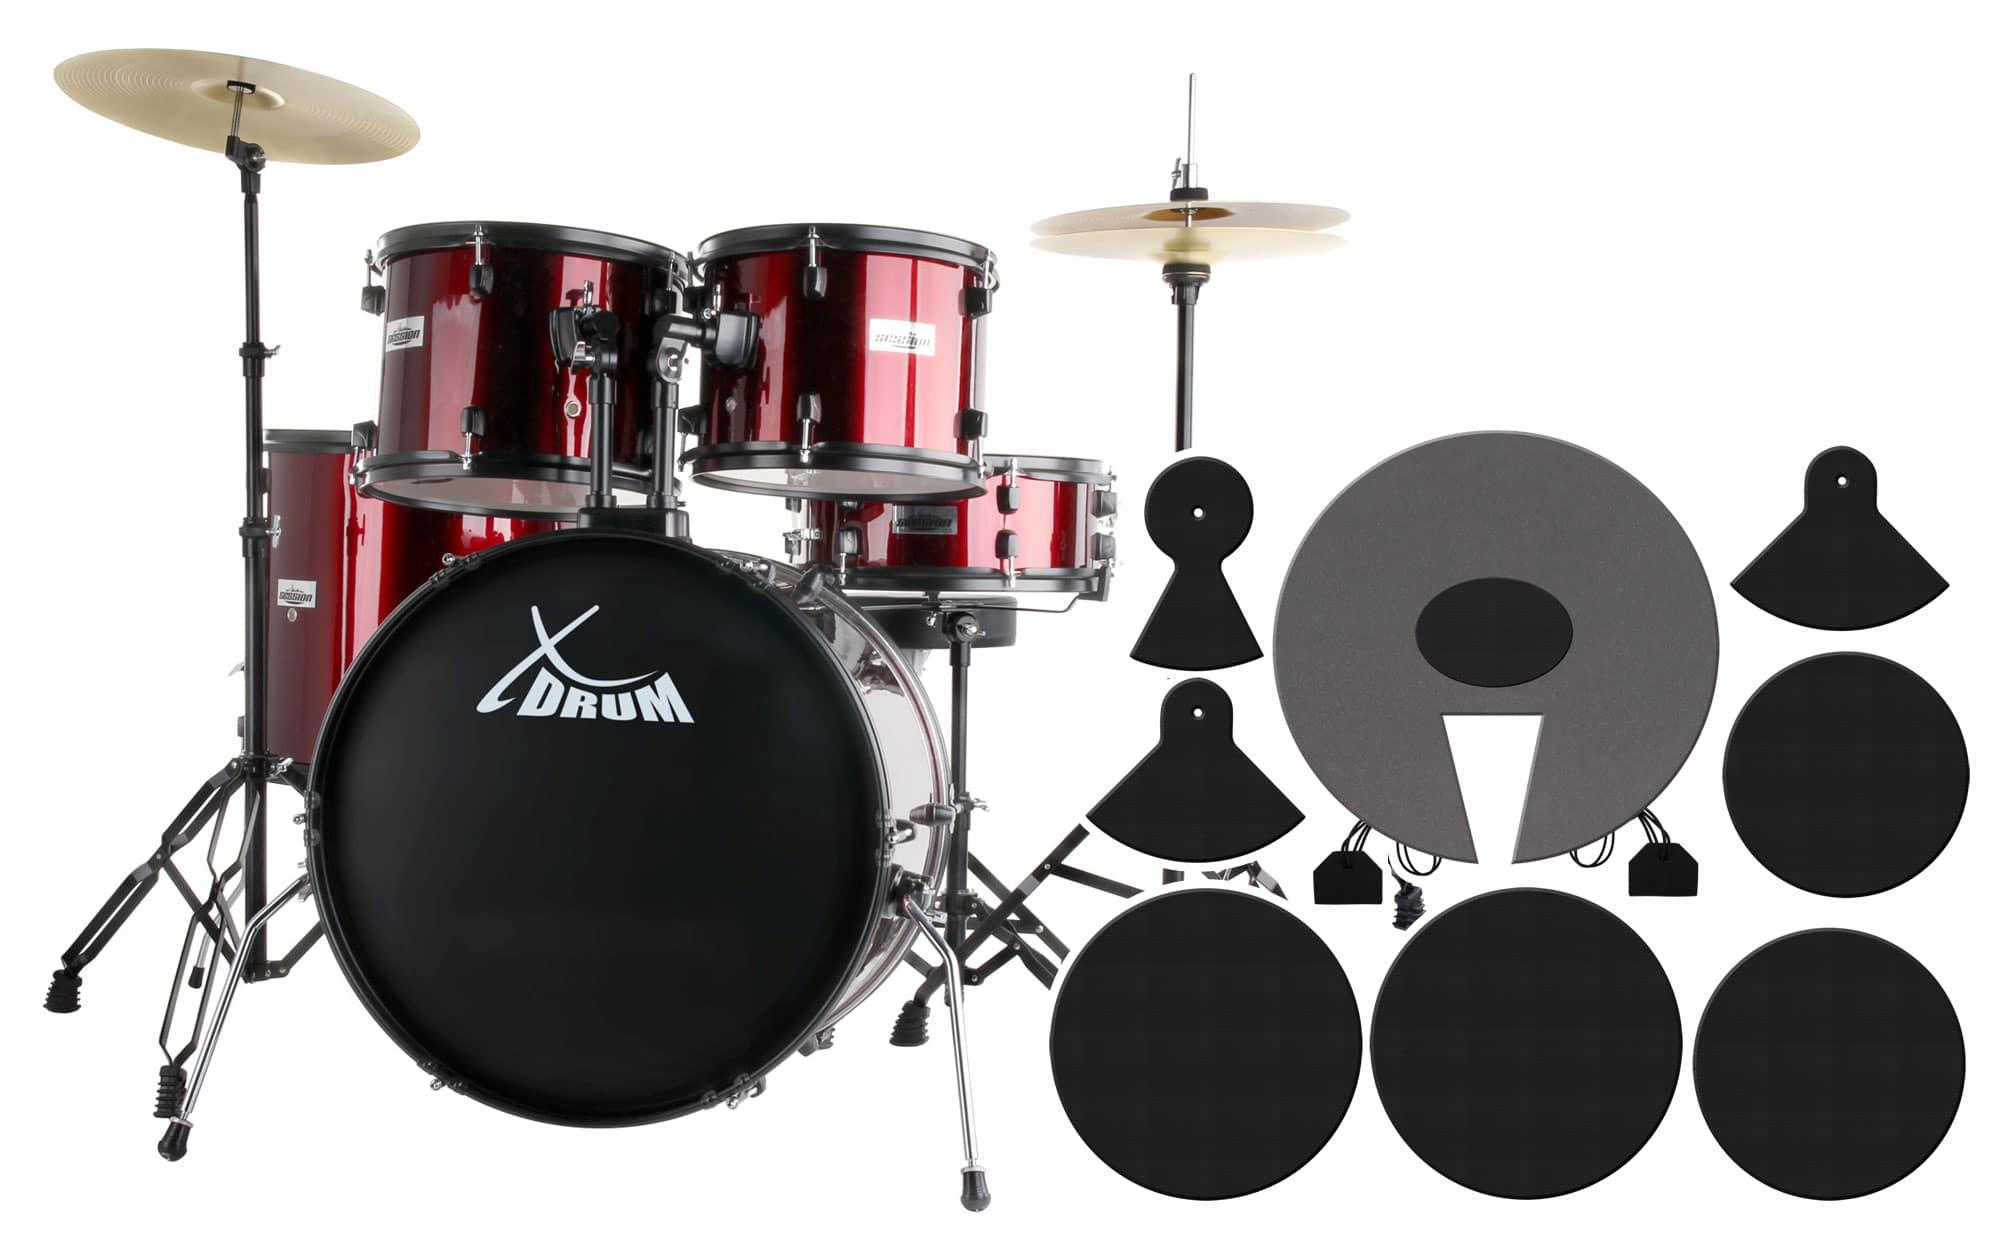 XDrum Rookie 22' Standard Schlagzeug Ruby Red plus Dämpferset